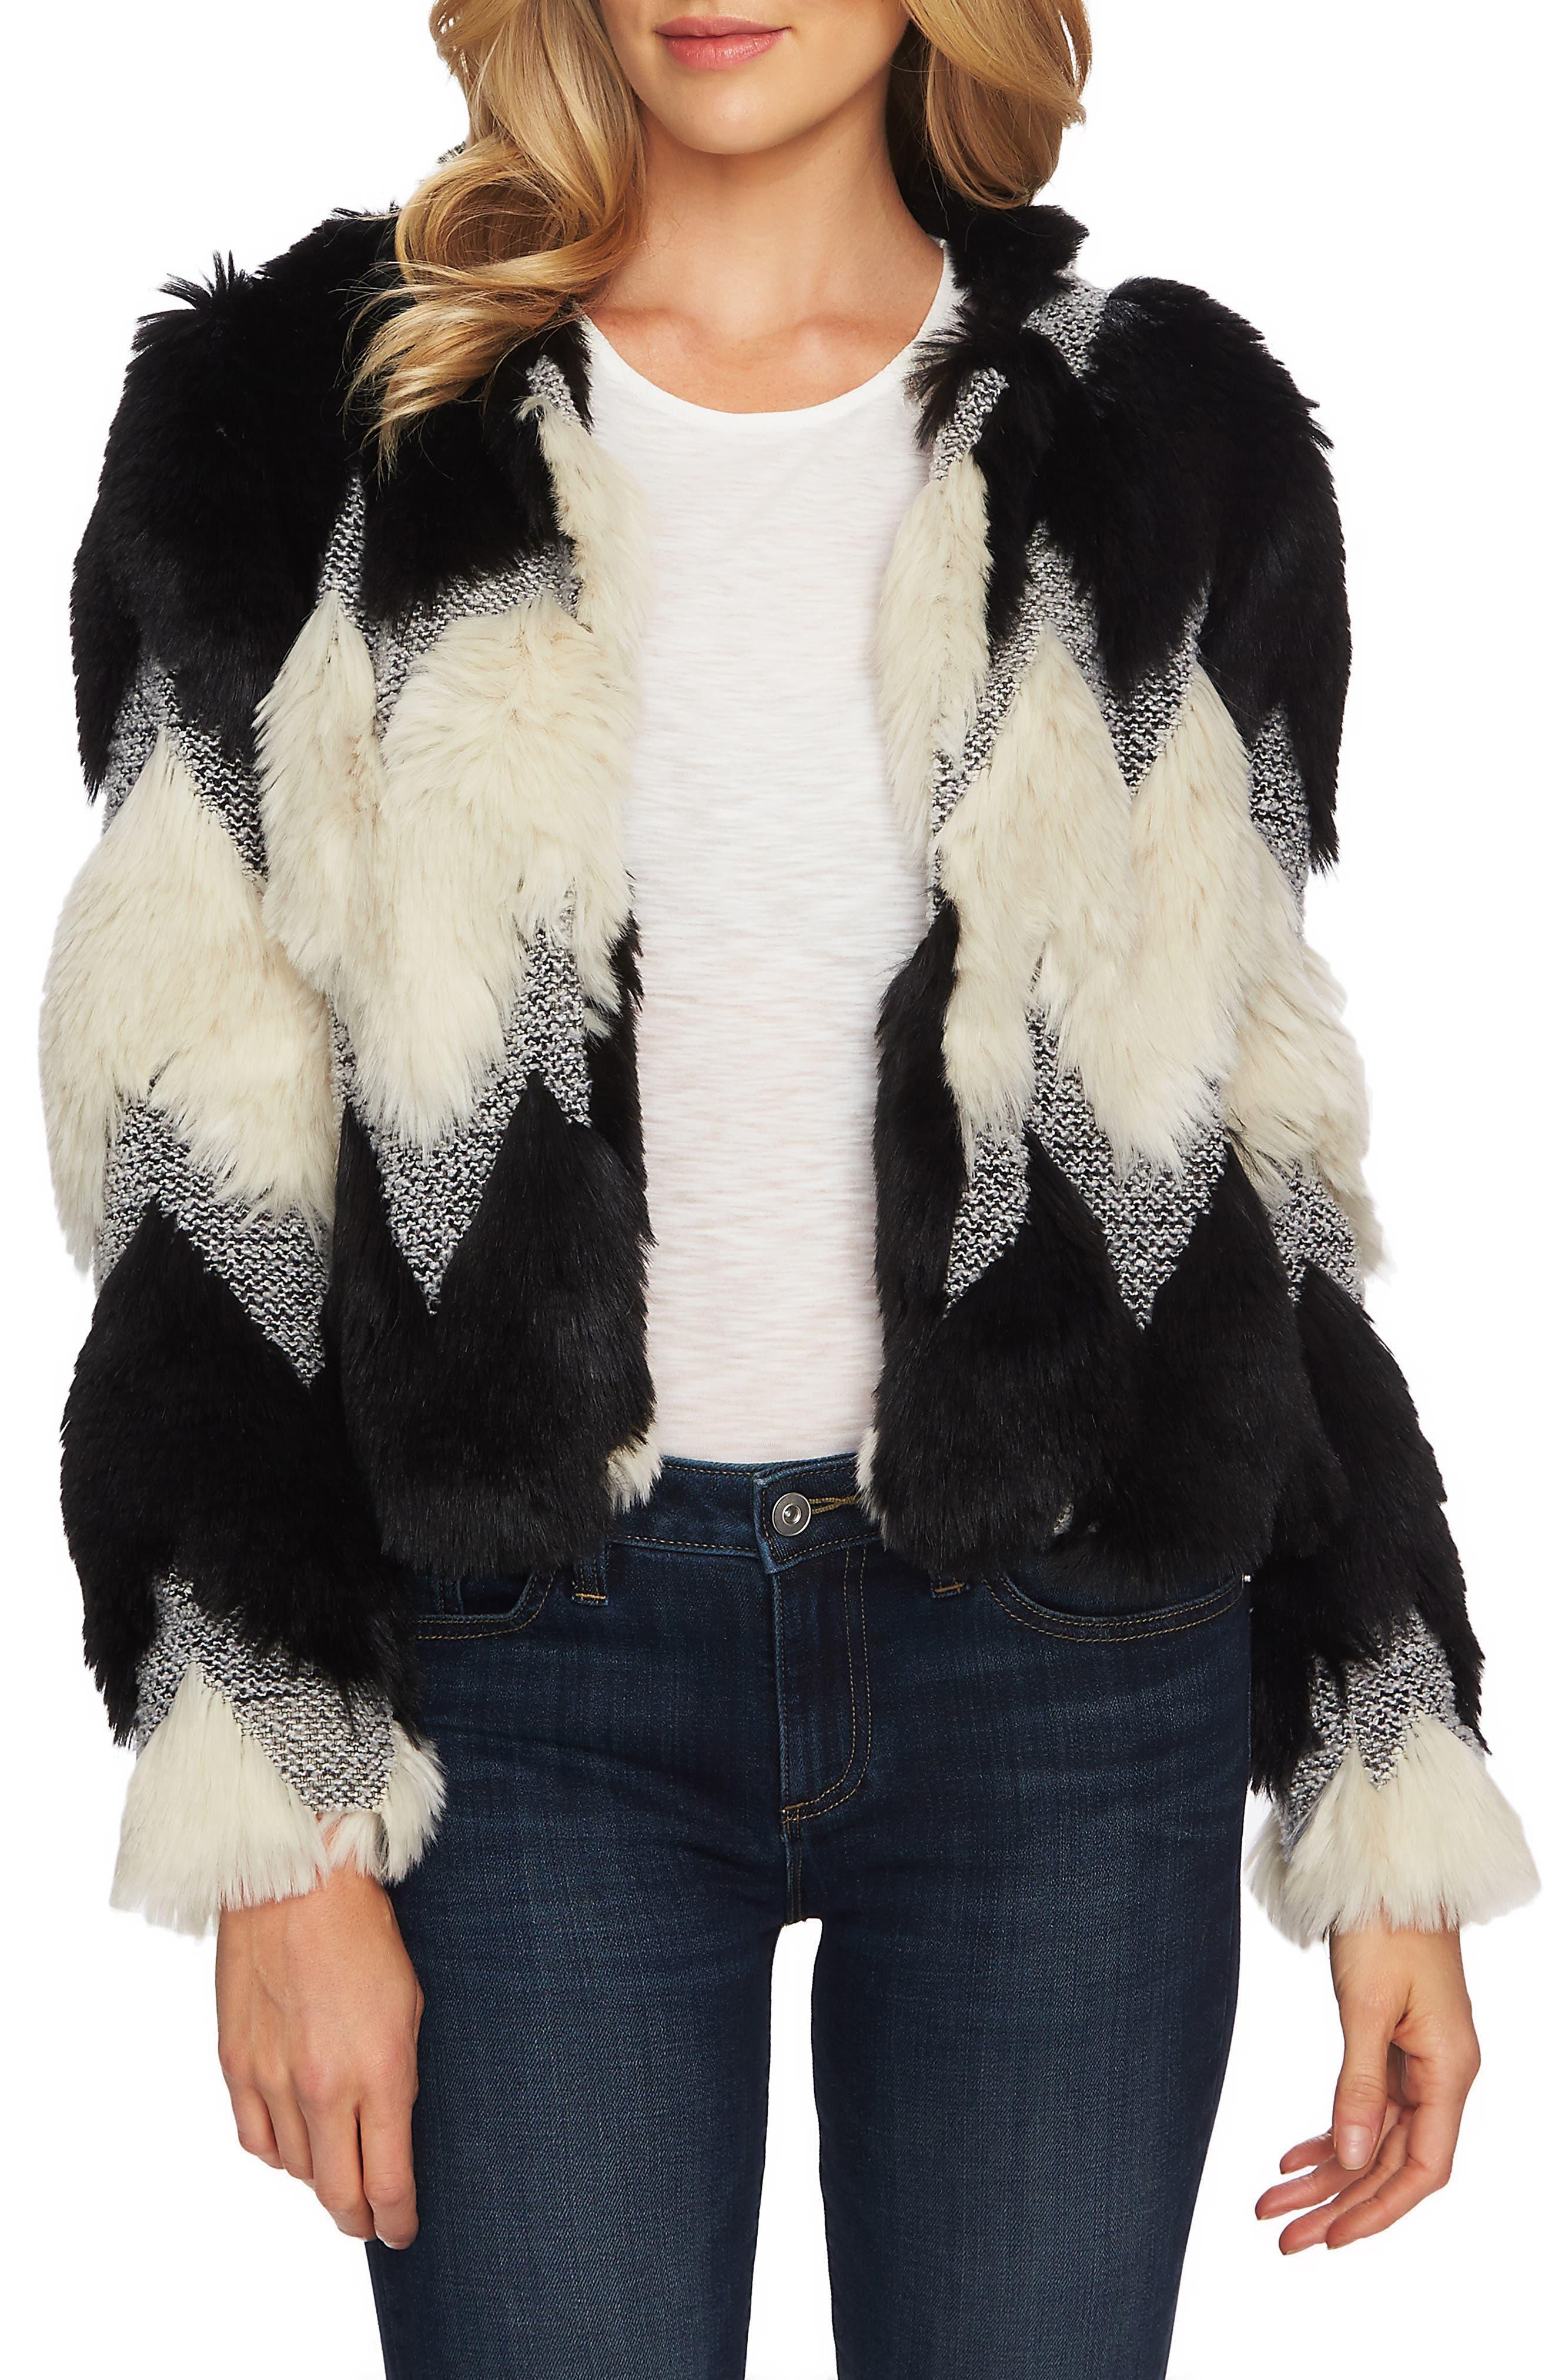 Chevron Faux Fur Jacket,                             Main thumbnail 1, color,                             RICH BLACK